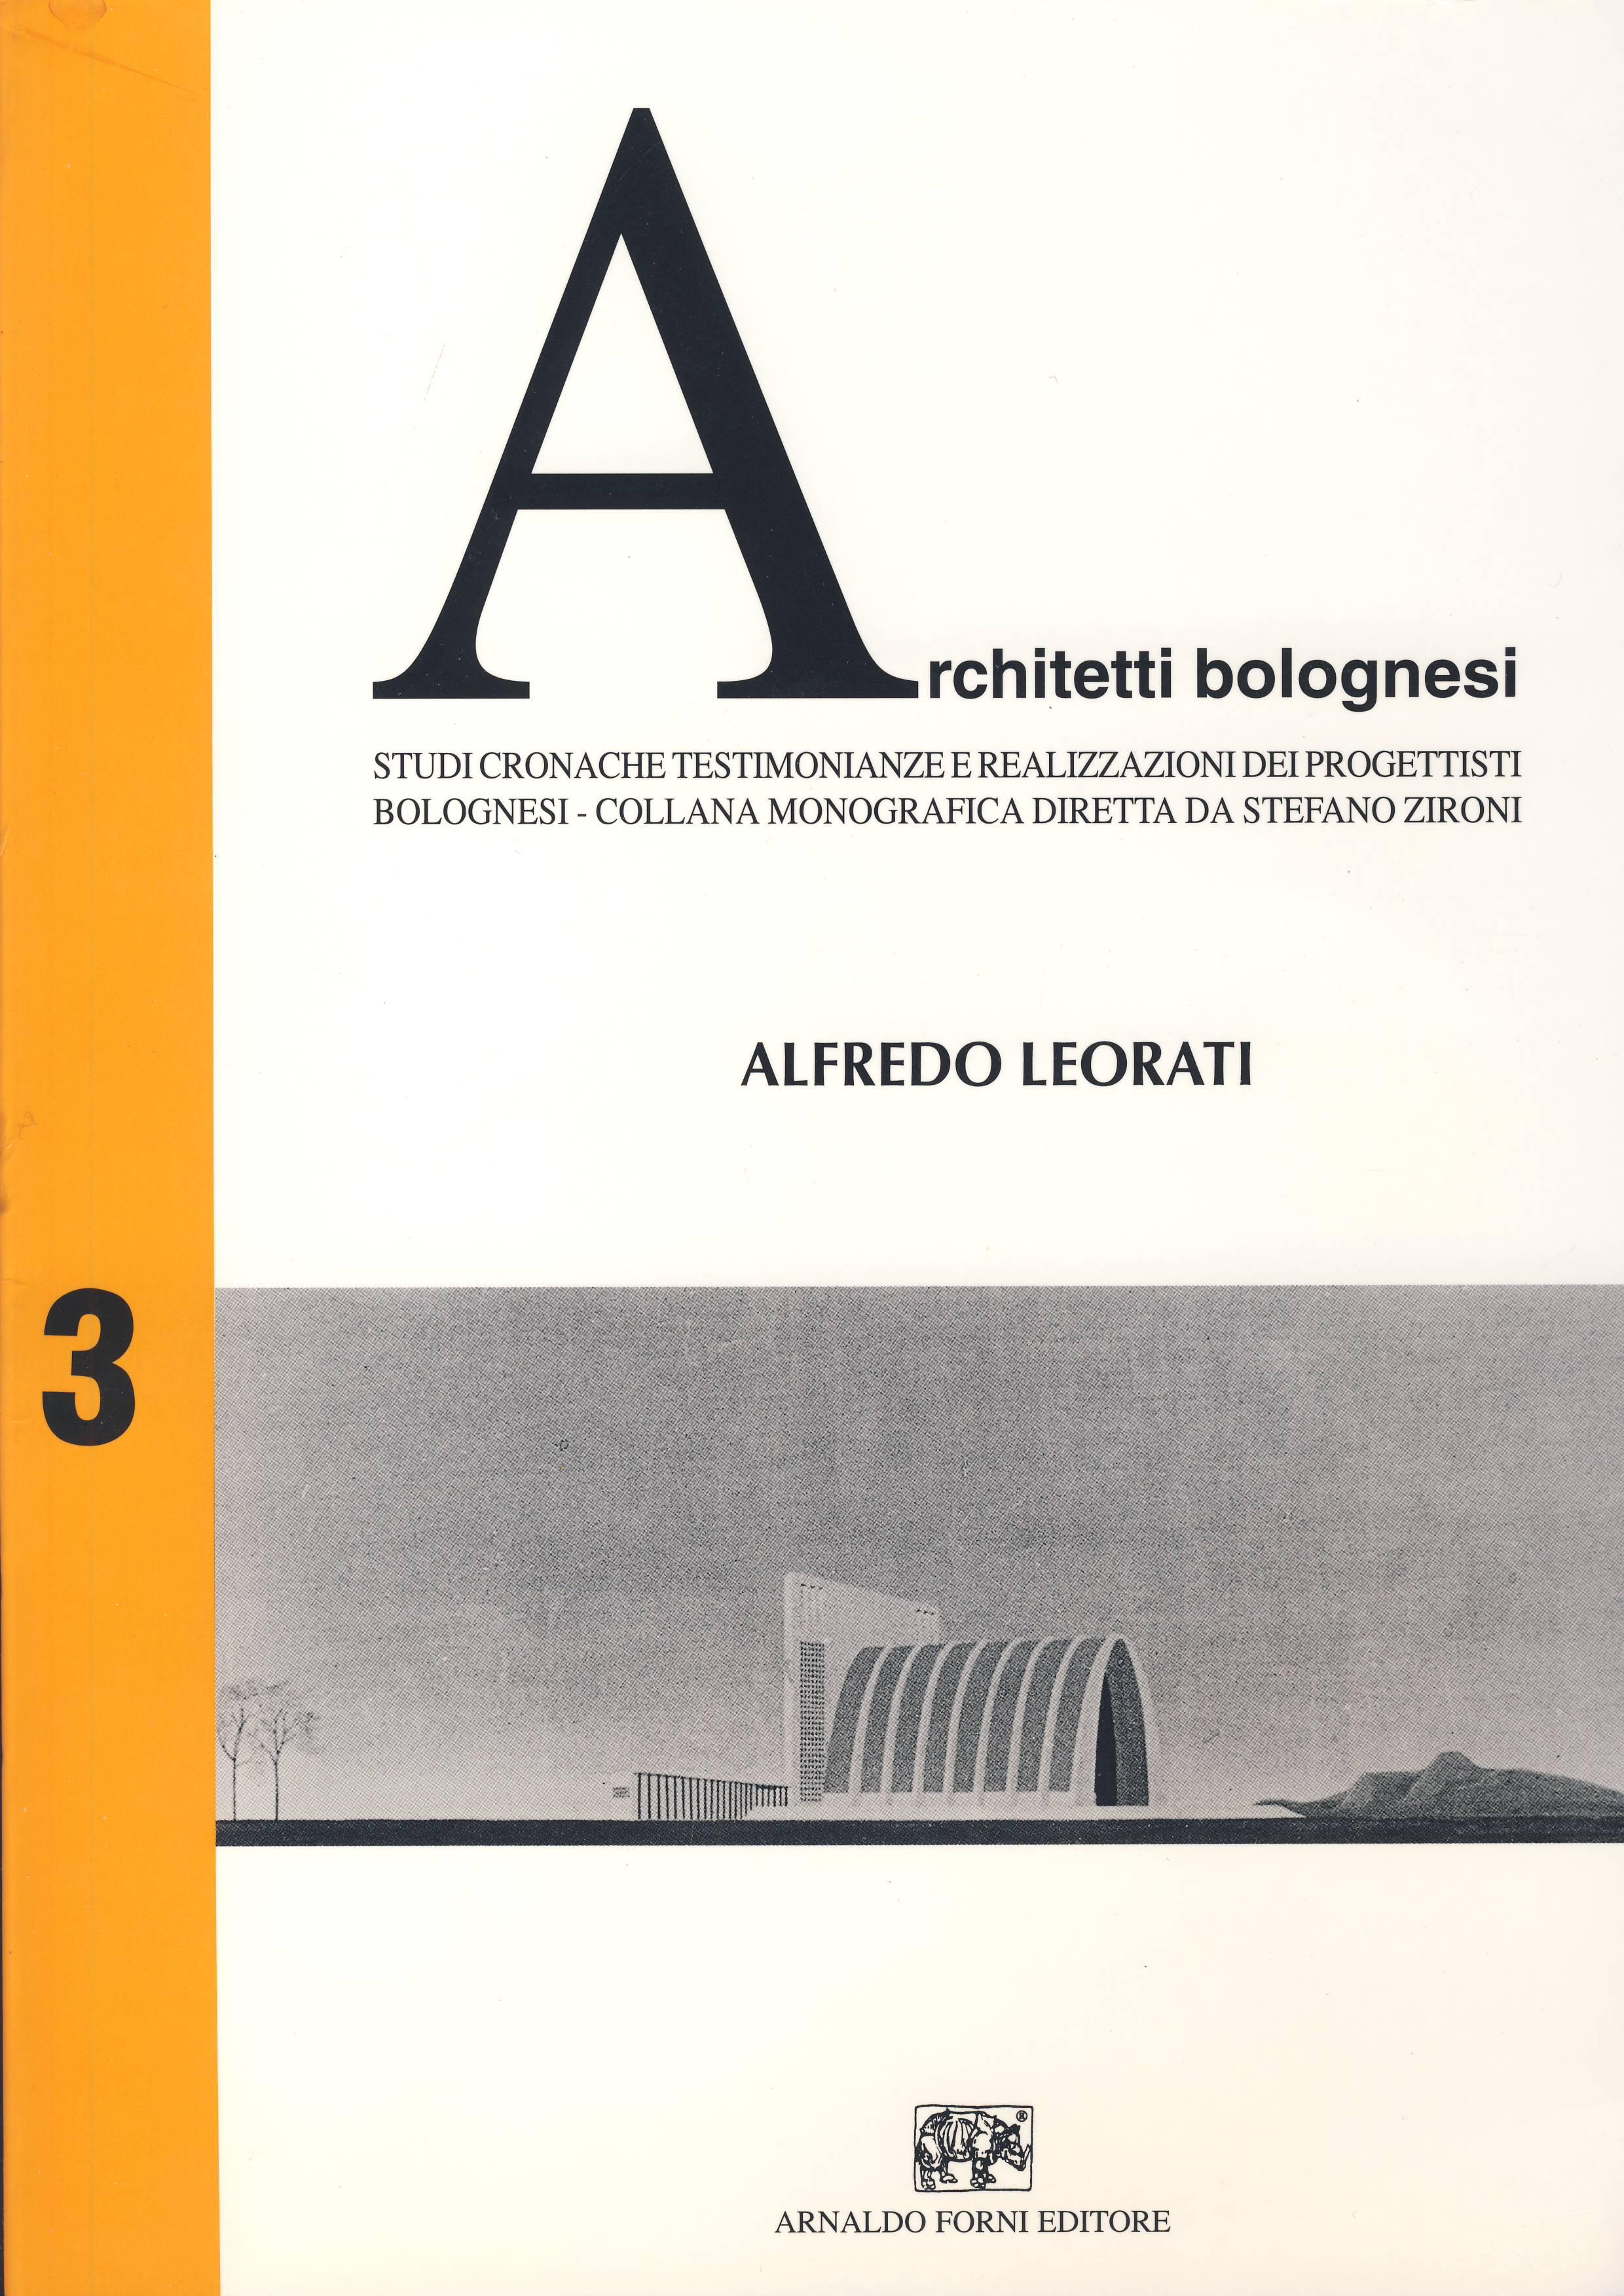 Studi, cronache, testimonianze e realizzazioni dei progettisti bolognesi